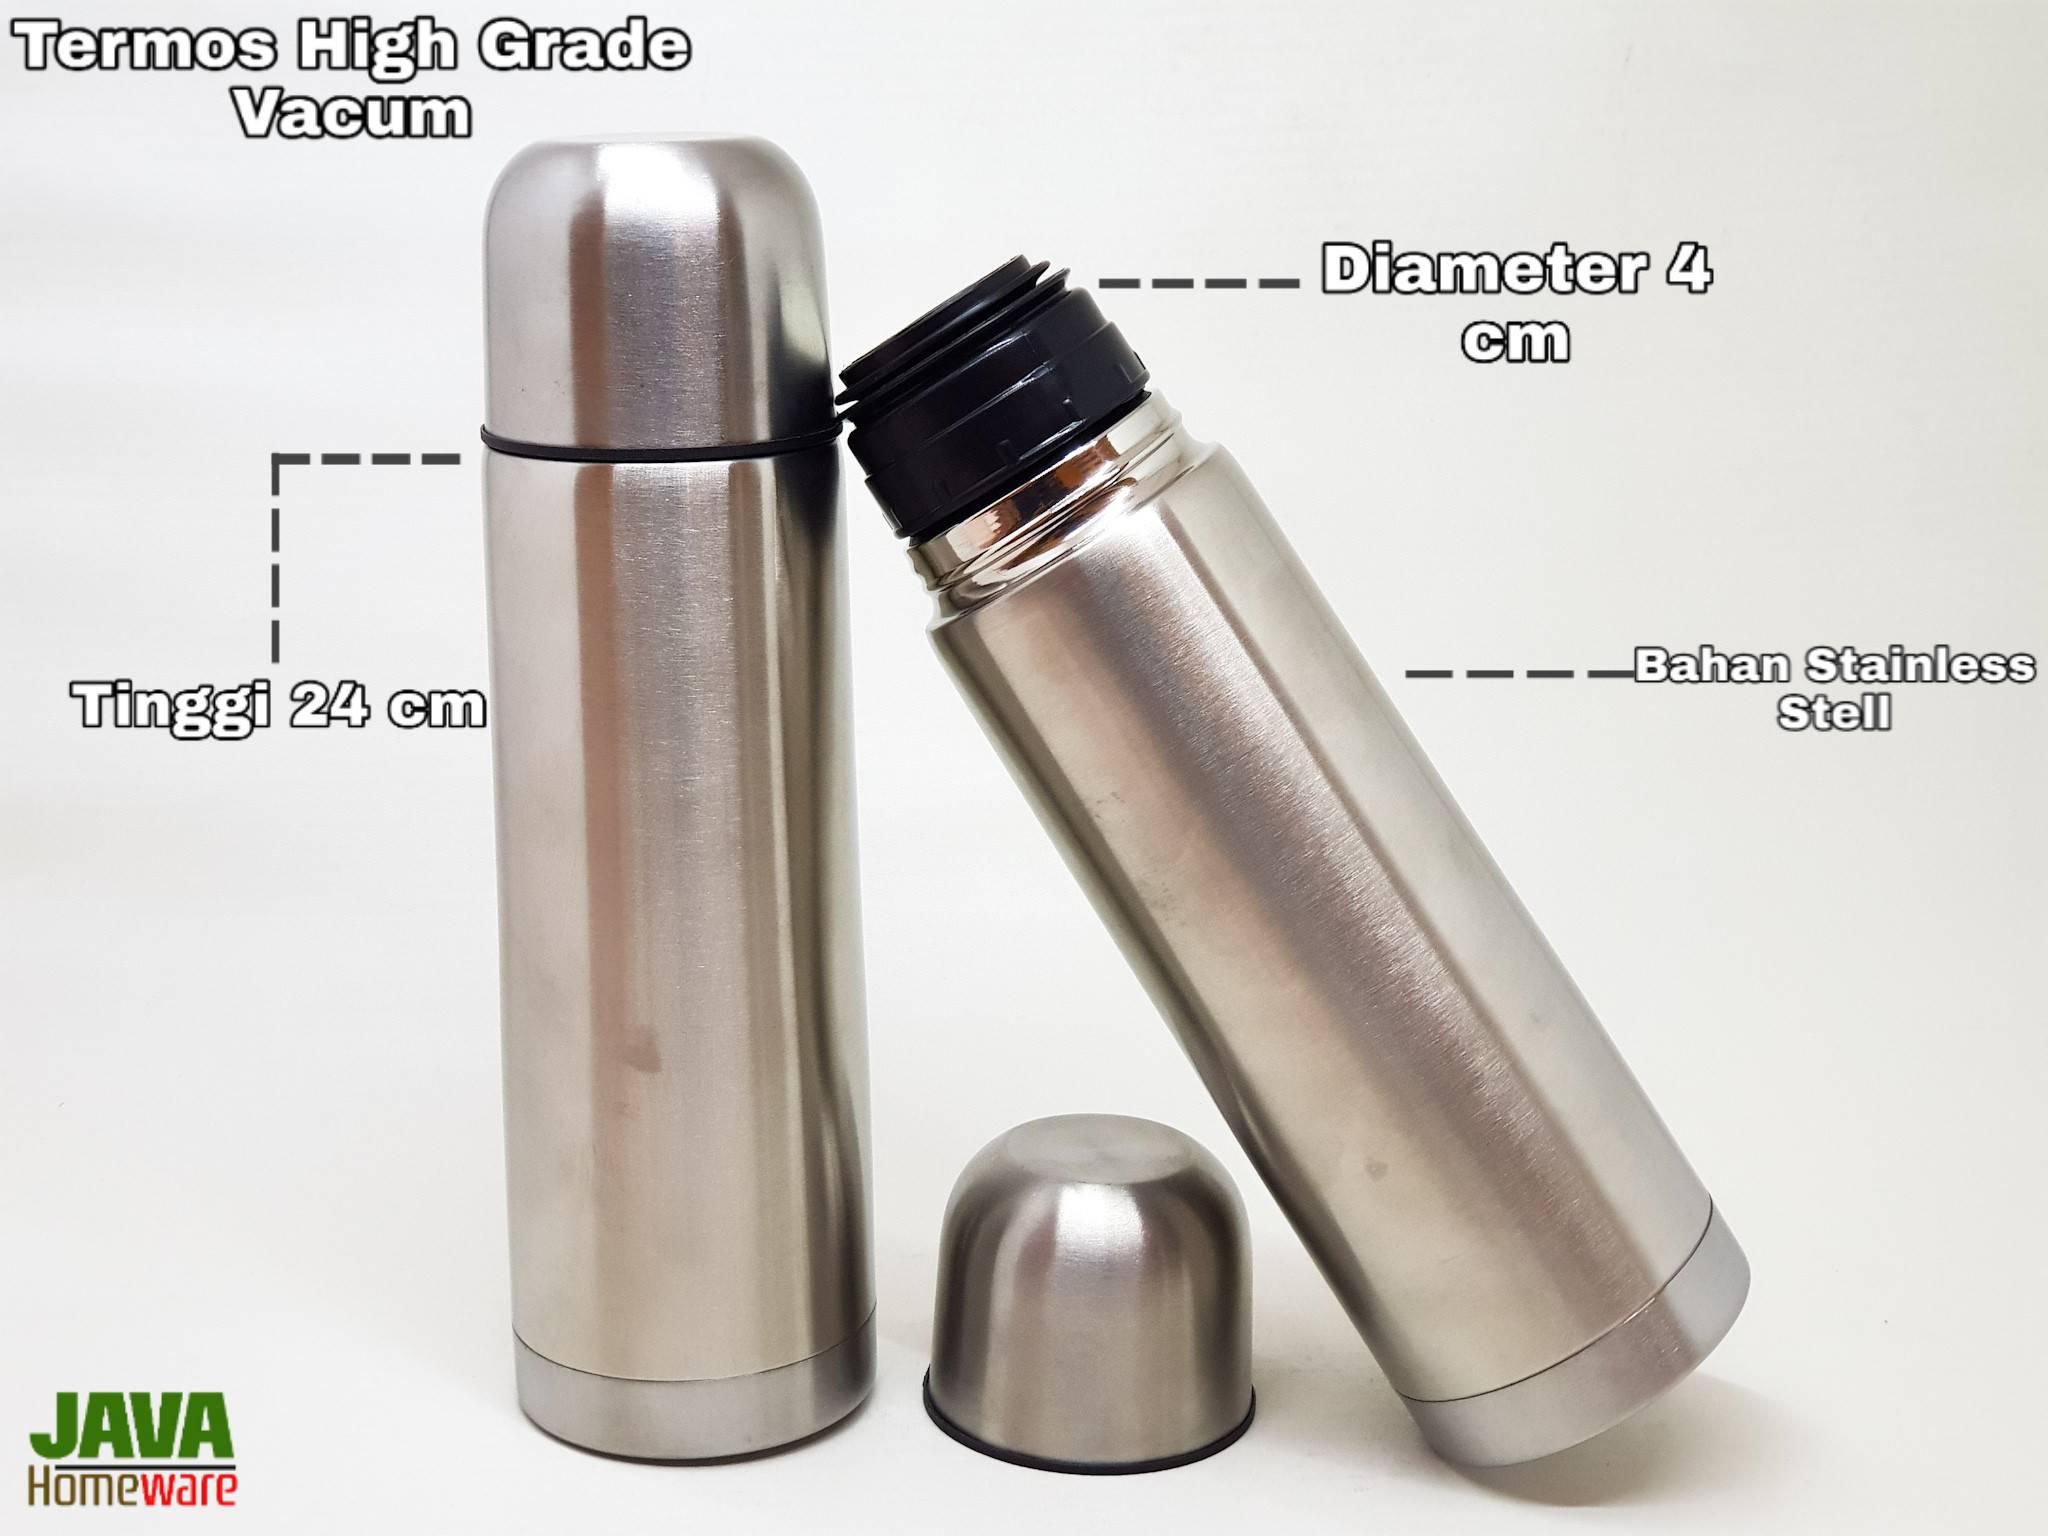 Termos High Grade Vacum Flask 18/8 Stailees Steel 0.5 L